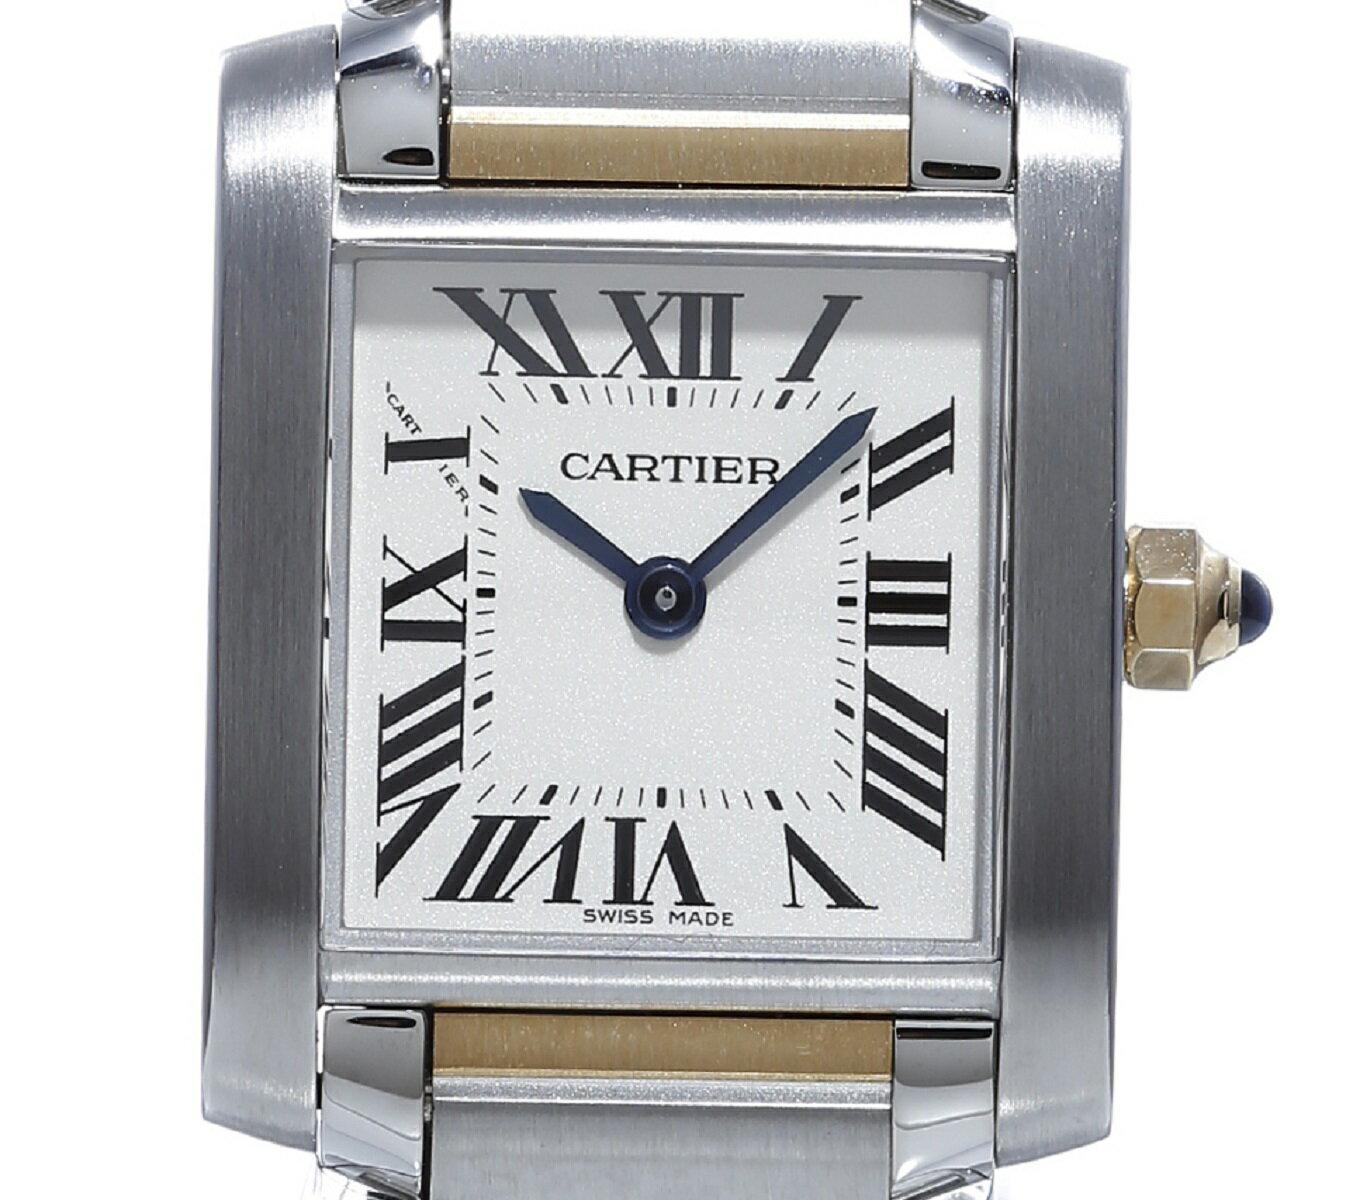 カルティエ Cartier タンクフランセーズ W51007Q4 SS/YG Qz レディース 保証書(無地) 専用箱 送料無料 未使用展示品 【トレジャースポット】